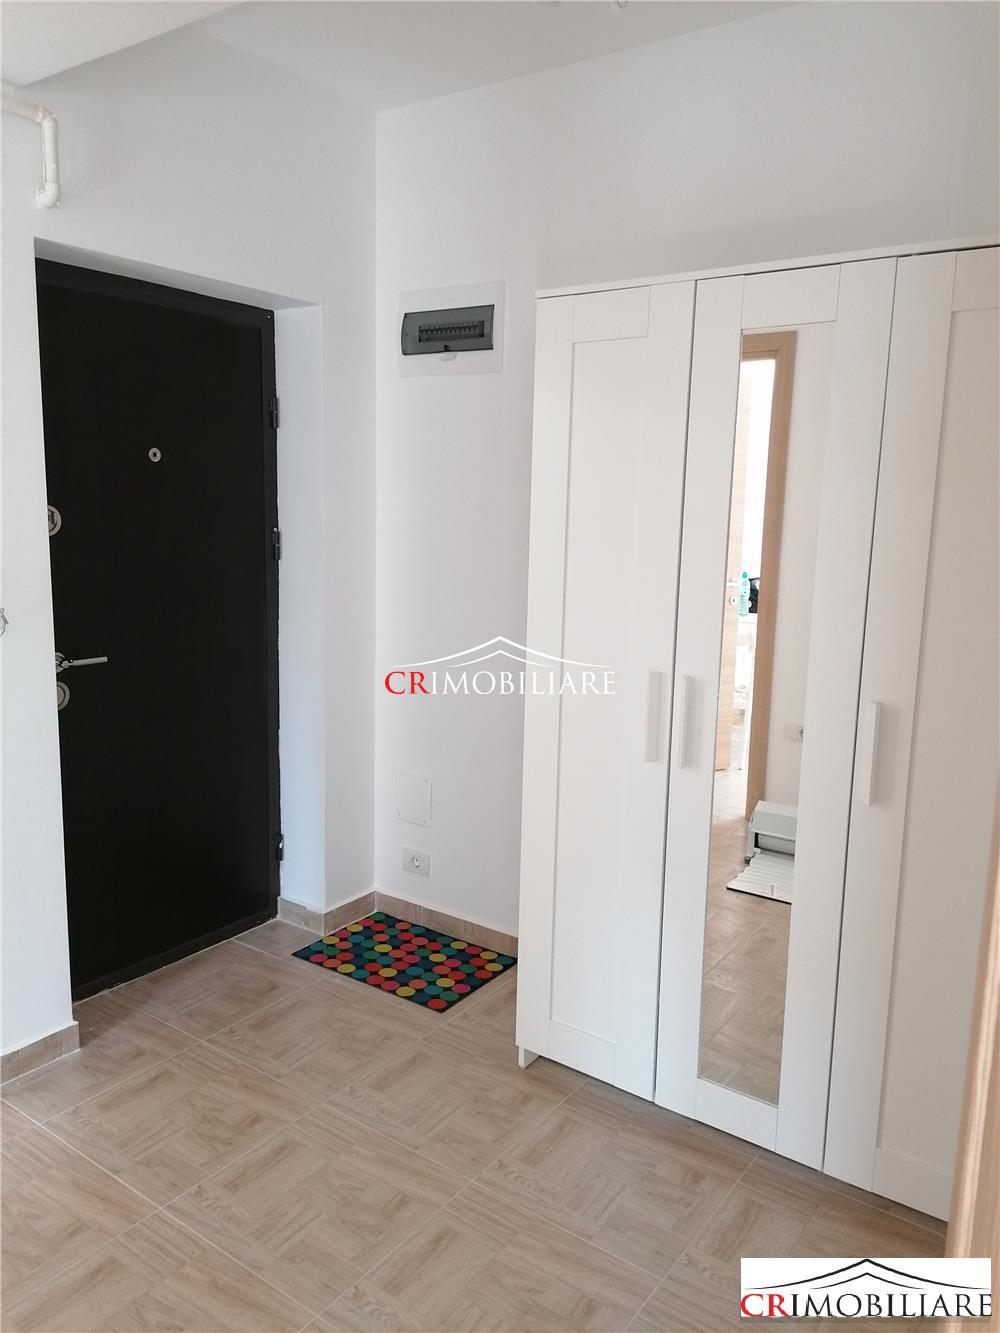 Apartament 2 camere  Parter inalt,,,TitanNou,, cu loc de parcare inclus!